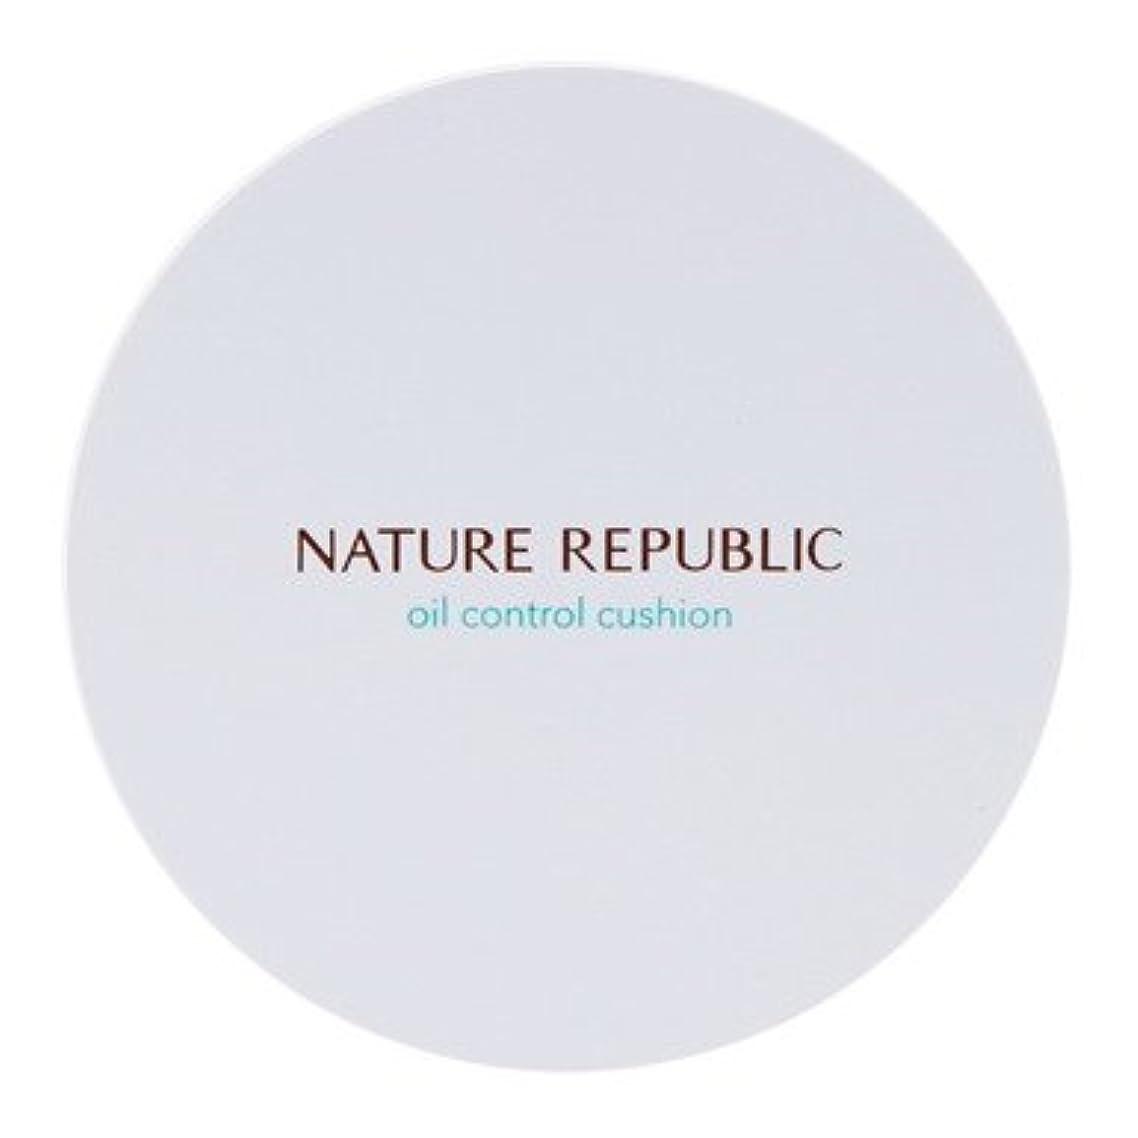 健全ミントポジション【NATURE REPUBLIC (ネイチャーリパブリック)】プロヴァンス エアスキンフィット オイルコントロール クッション 15g (SPF50+/ PA+++)(2カラー選択1) (02 ナチュラルベージュ) [並行輸入品]